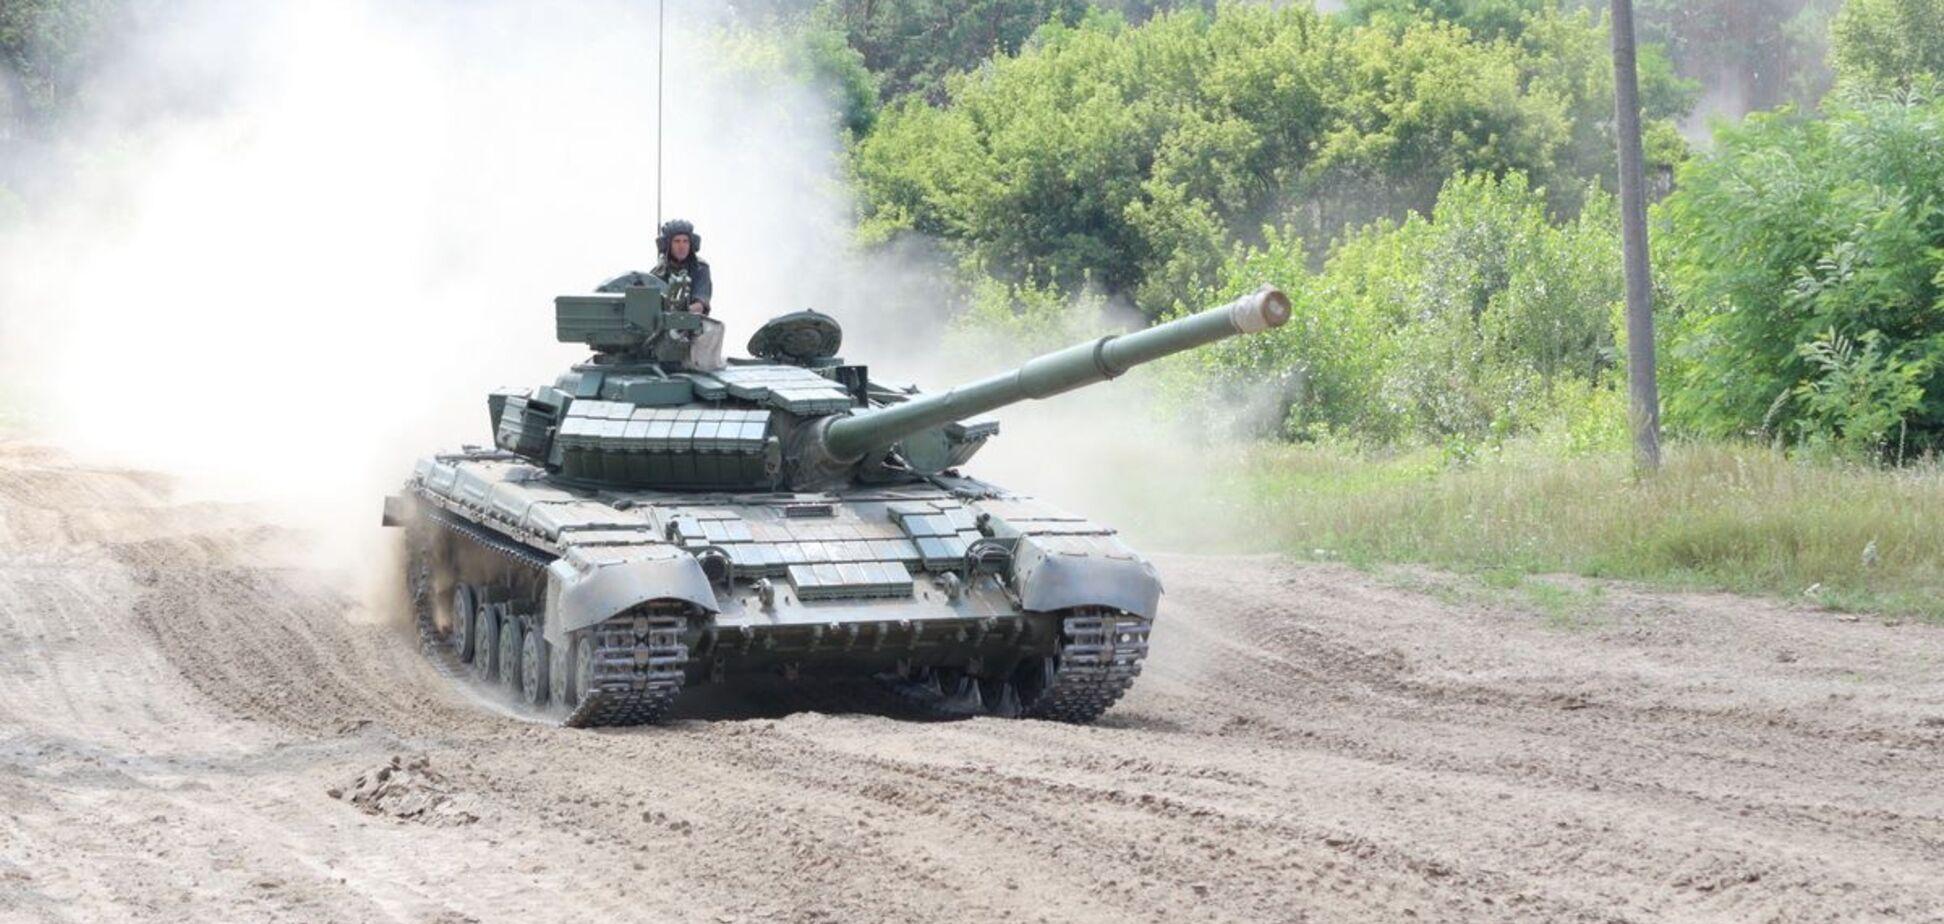 'Цю війну Росія вже програла': з'явився сміливий прогноз щодо вигнання окупантів з Донбасу